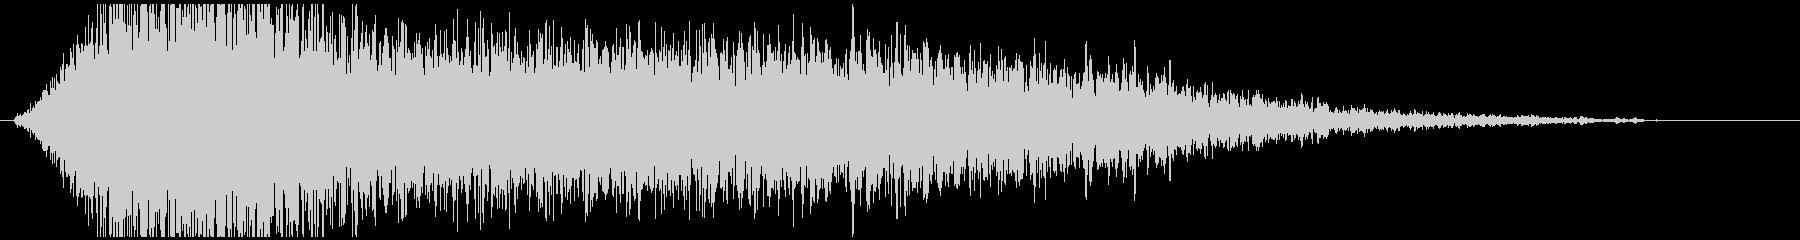 ドローン G ノイズハイ01の未再生の波形